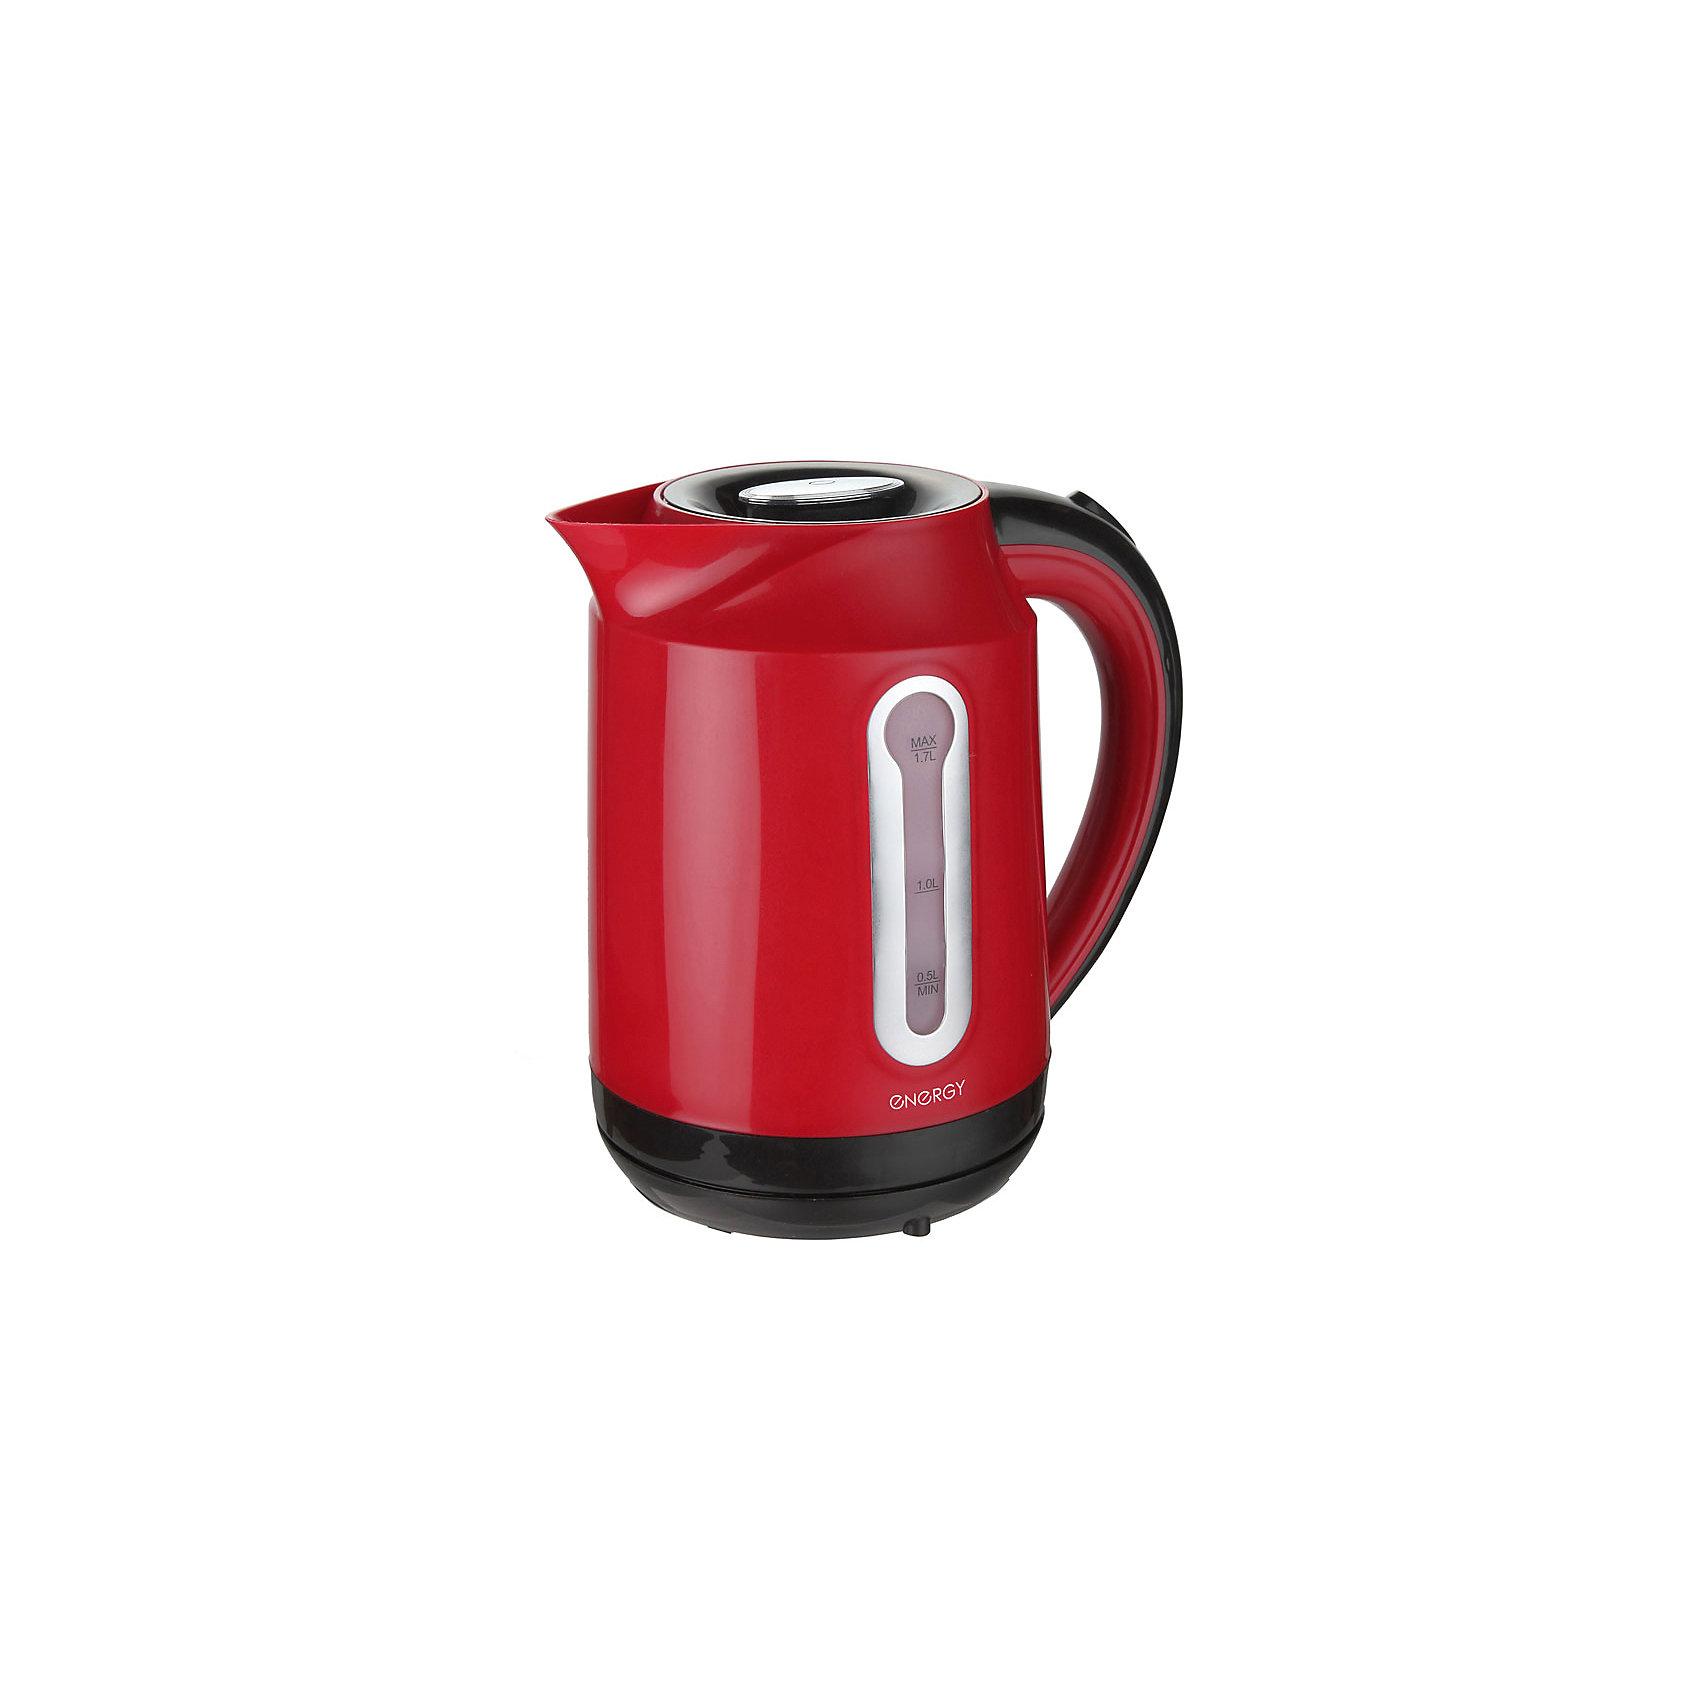 Чайник E-210 (1,7 л, диск), Energy, красныйЭлектрический чайник Energy дает возможность быстро вскипятить воду. Чайник оборудован специальным нагревательным элементом, который закрыт и безопасен, есть автоматический выключатель. Световой индикатор работы показывает, когда чайник включен. Имеется внутренняя подсветка. Фильтр чайника можно снять и почистить. Предусмотрена защита во время работы без воды. Шнур прячется в выемку на дне подставки. Чайник на подставке можно поворачивать на 360о. Шкала уровня воды находится на внешней стороне чайника, нанесена на прозрачное пластиковое окошко.<br><br>Дополнительная информация:<br><br>Размер чайника: 22х22х16,5 см<br>Объем чайника: 1,7 л<br><br>Материал: пластик, металл, кабель<br><br>Мощность: 1850-2200Вт<br>Напряжение: 220-240В, 50/60Гц<br> <br>Чайник E-210 (1,7 л, диск), Energy, красный можно купить в нашем интернет-магазине.<br><br>Ширина мм: 220<br>Глубина мм: 170<br>Высота мм: 220<br>Вес г: 1085<br>Возраст от месяцев: 216<br>Возраст до месяцев: 1080<br>Пол: Унисекс<br>Возраст: Детский<br>SKU: 4989885